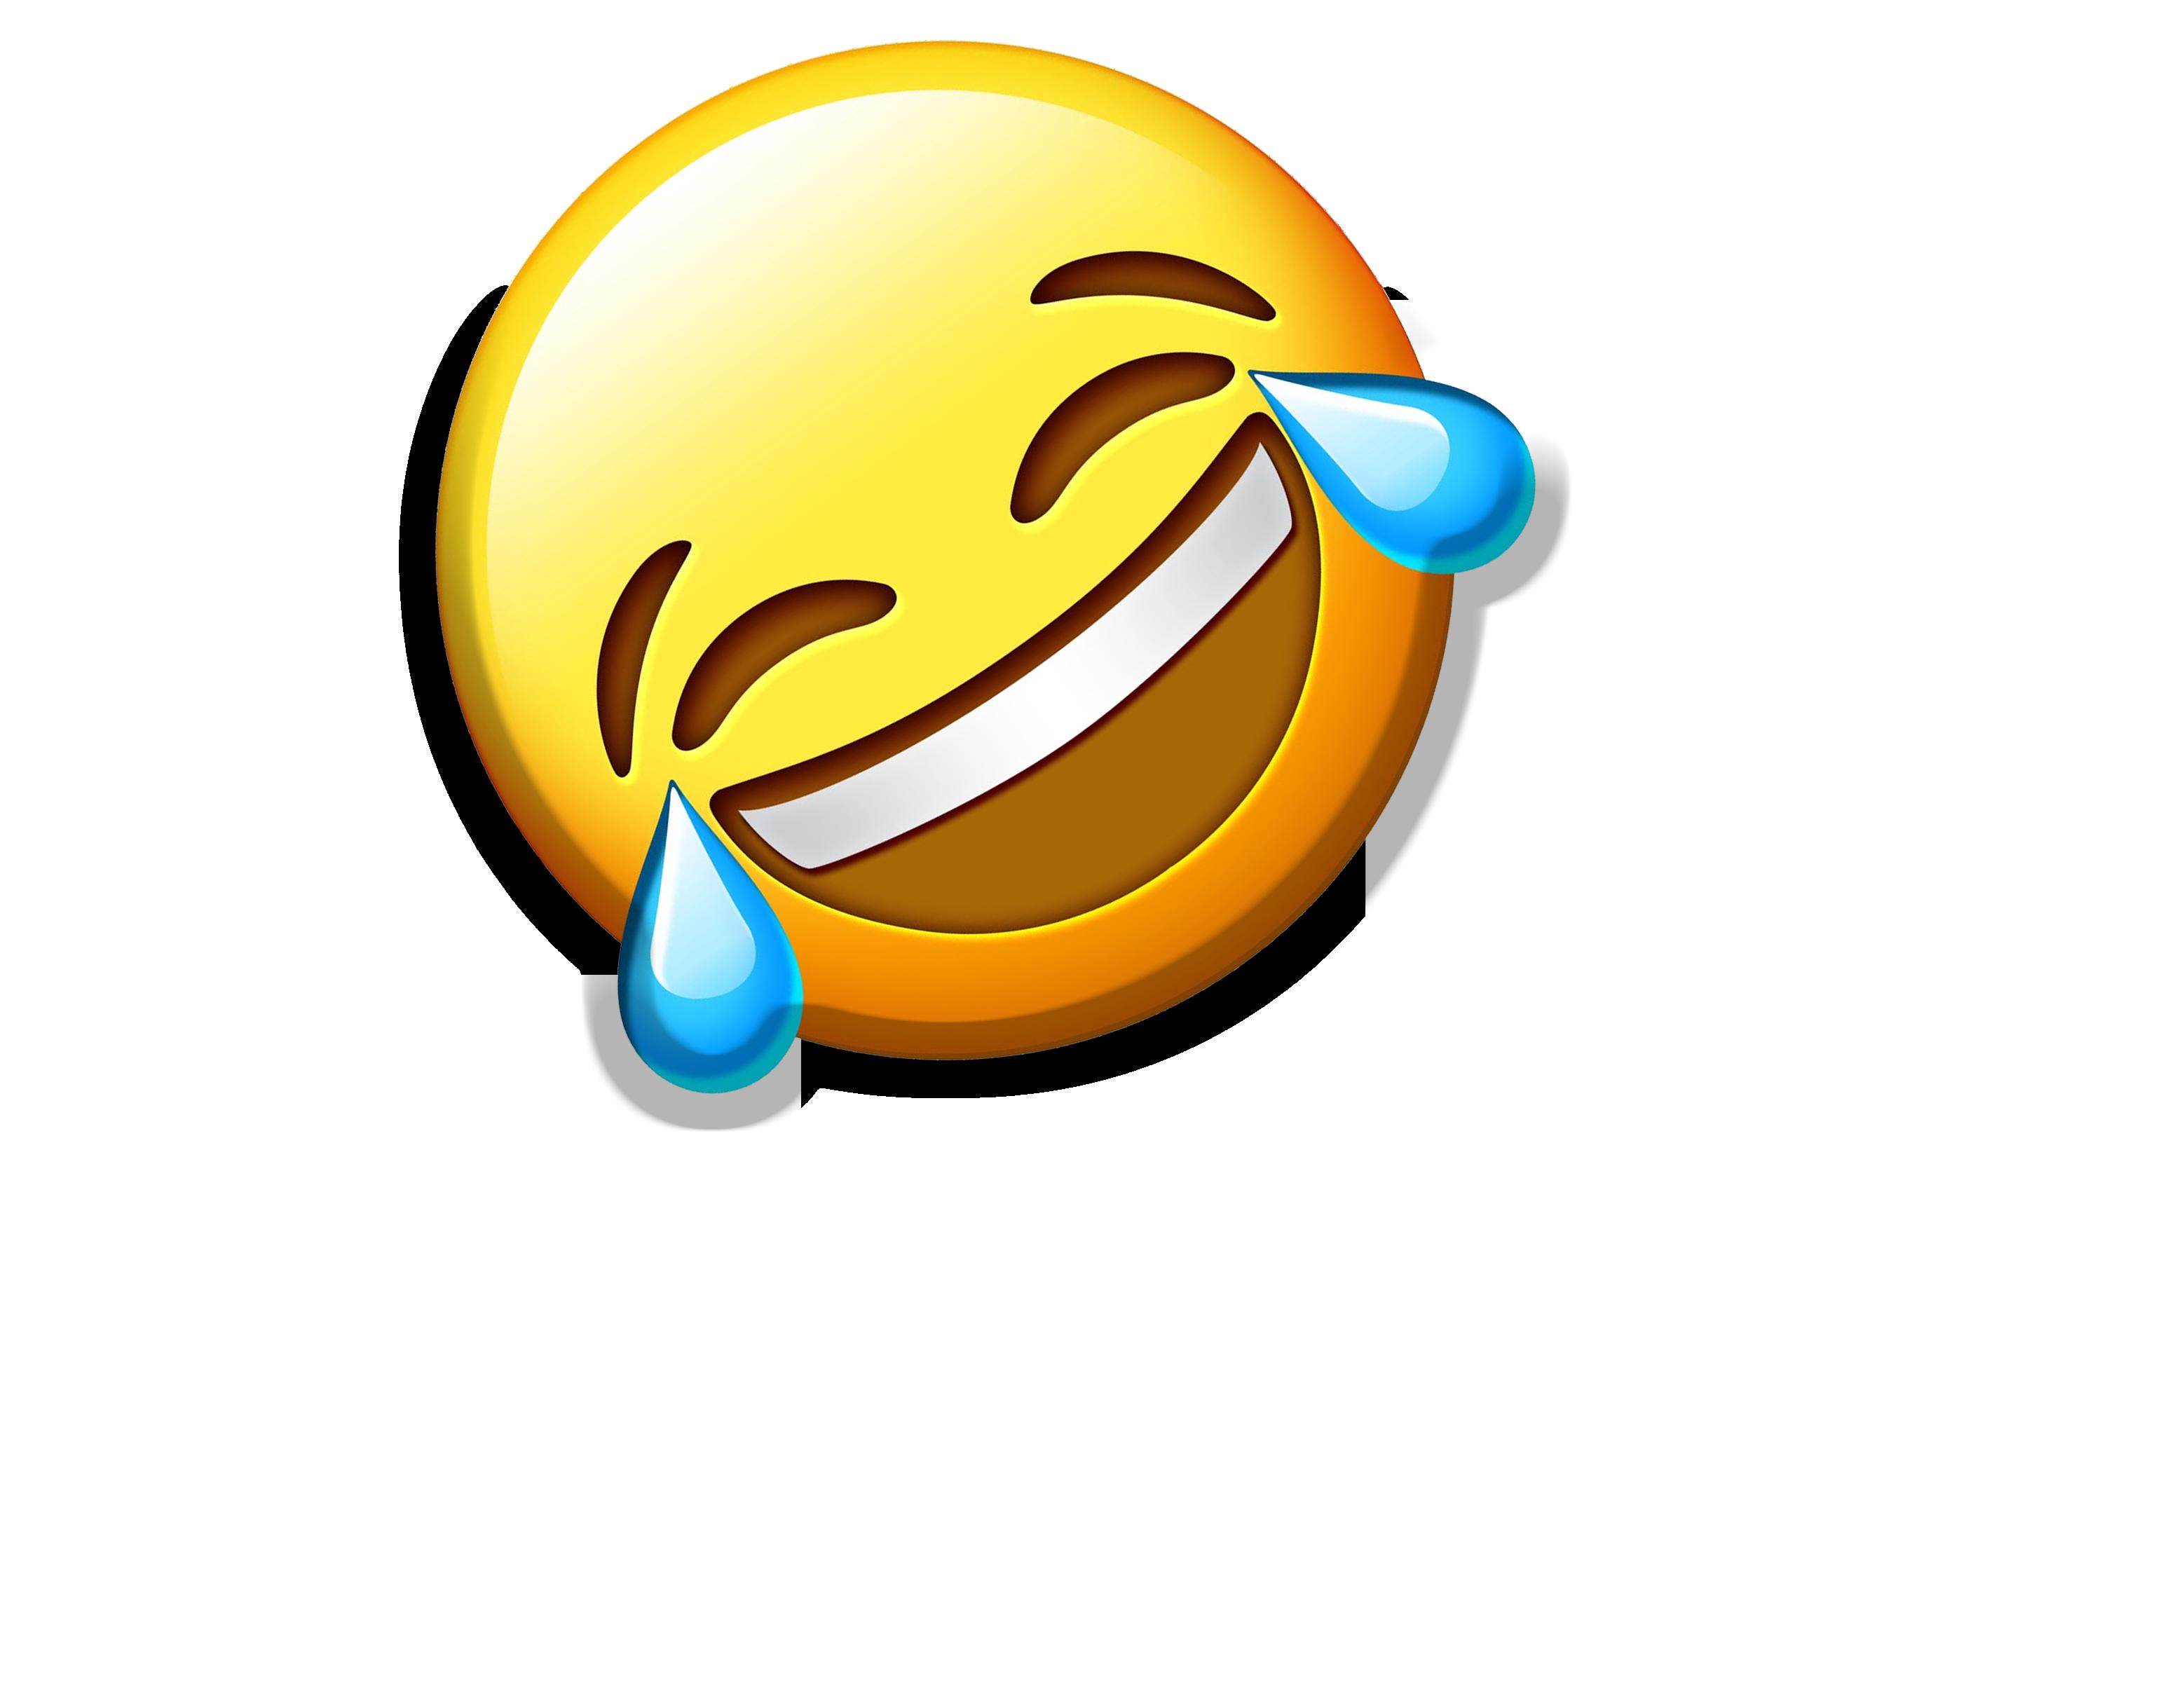 LOL Comedy